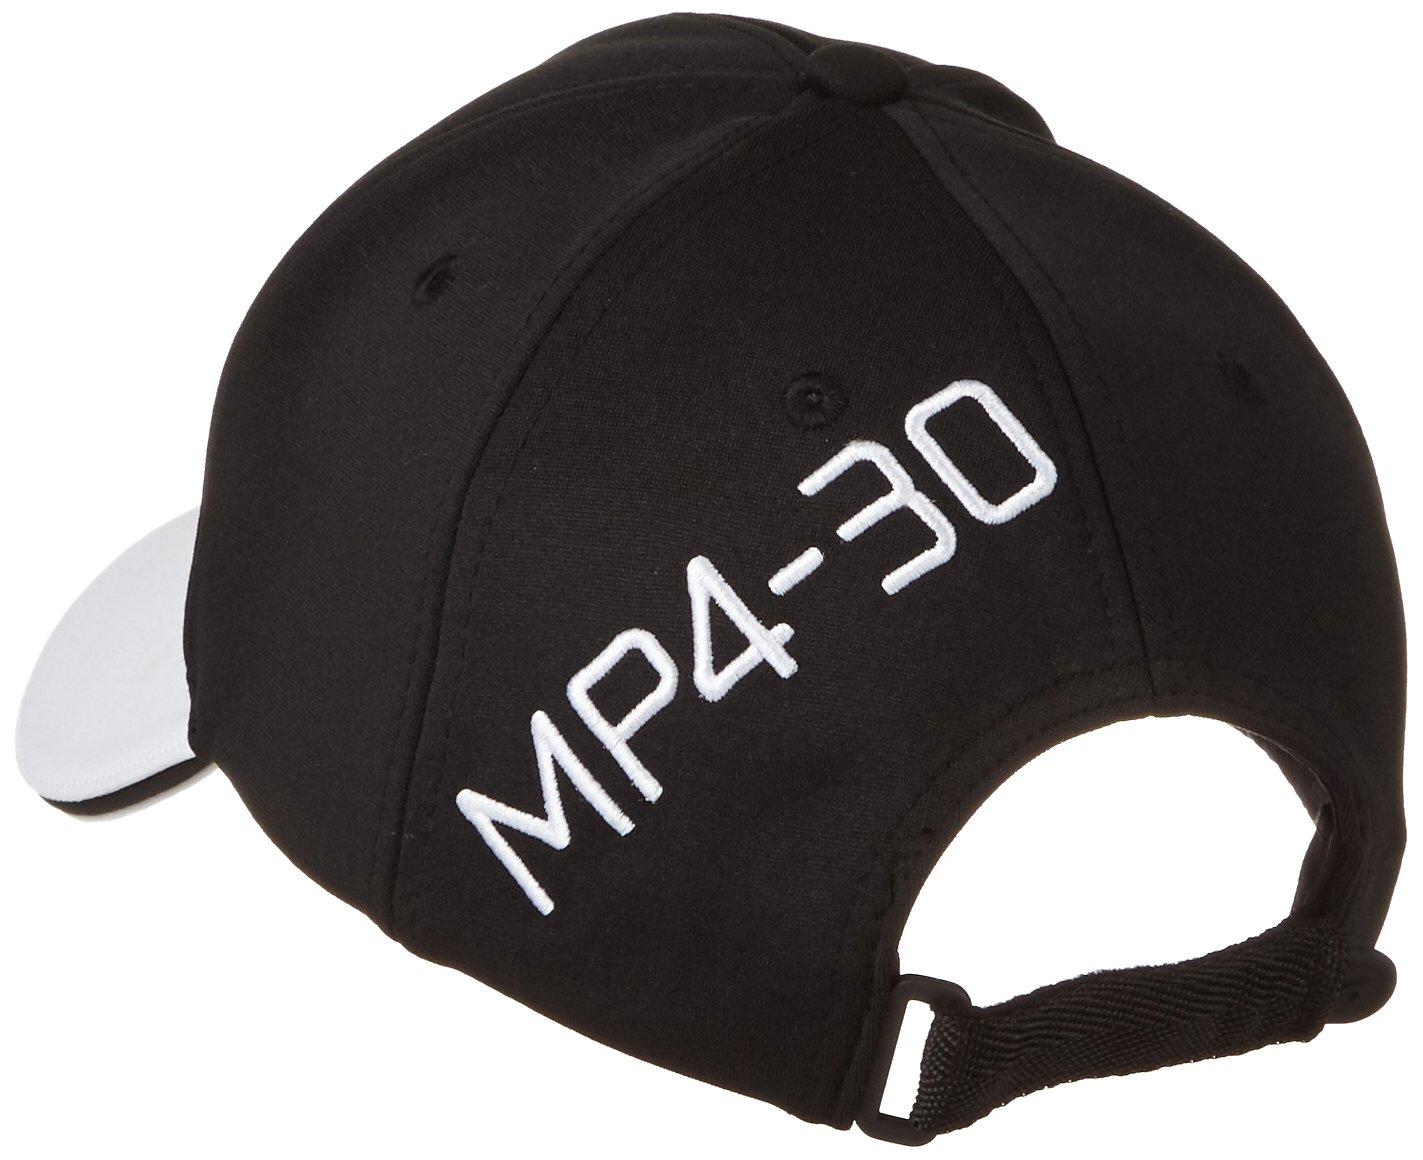 Color Negro//Blanco Hombre tama/ño Talla /única McLaren F1/Hombre Honda Official Team Cap